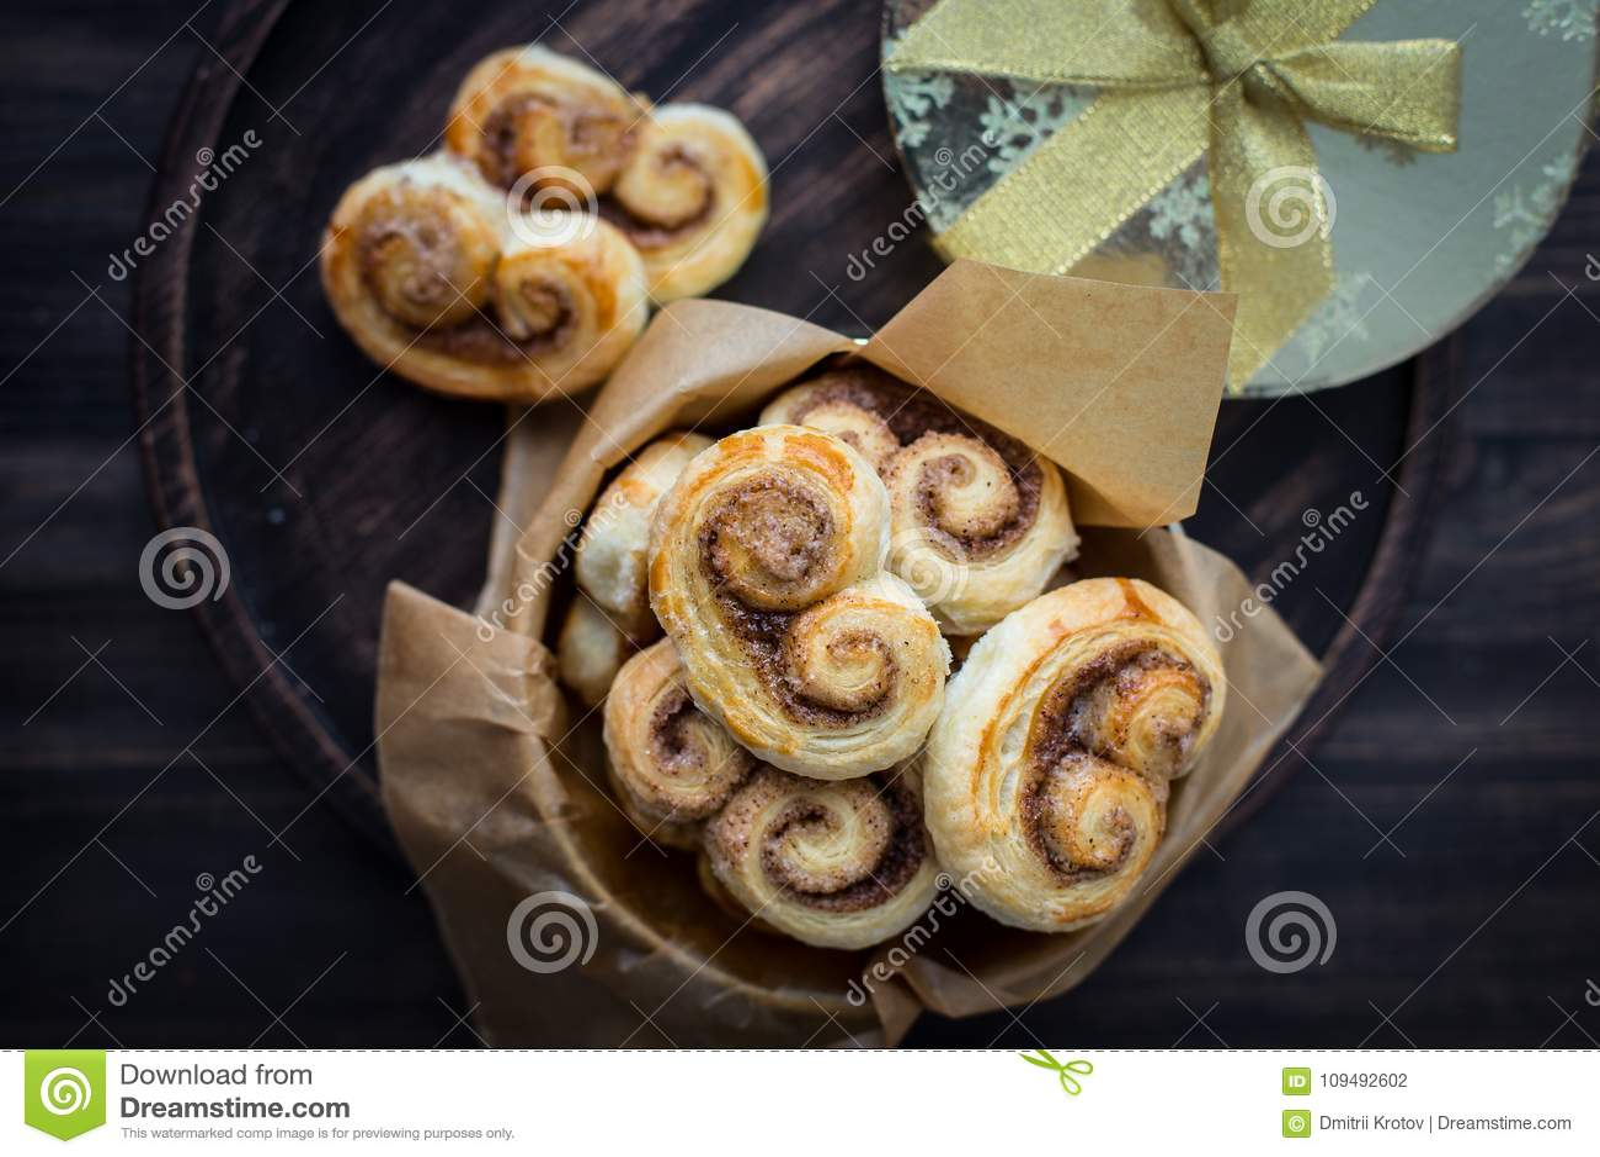 Kakor, krumelurer, kringlor av smördeg med socker och kanel